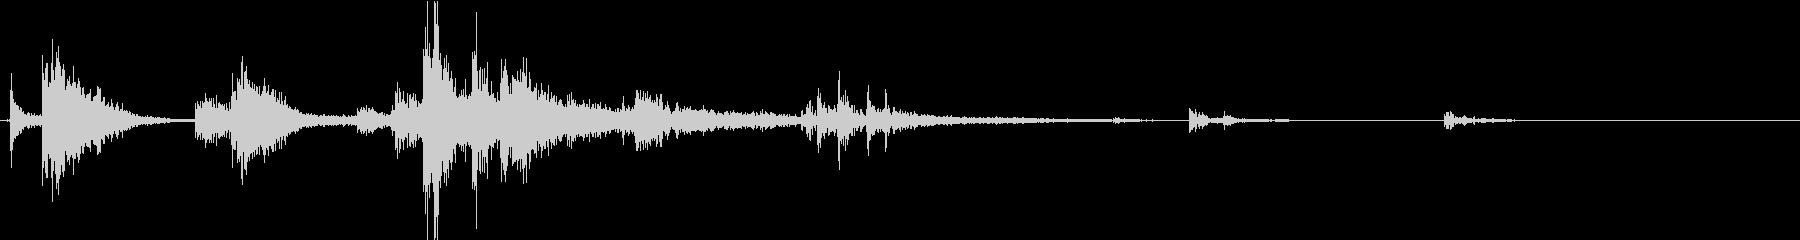 【生録音】装備品の音 金属 武器 1の未再生の波形